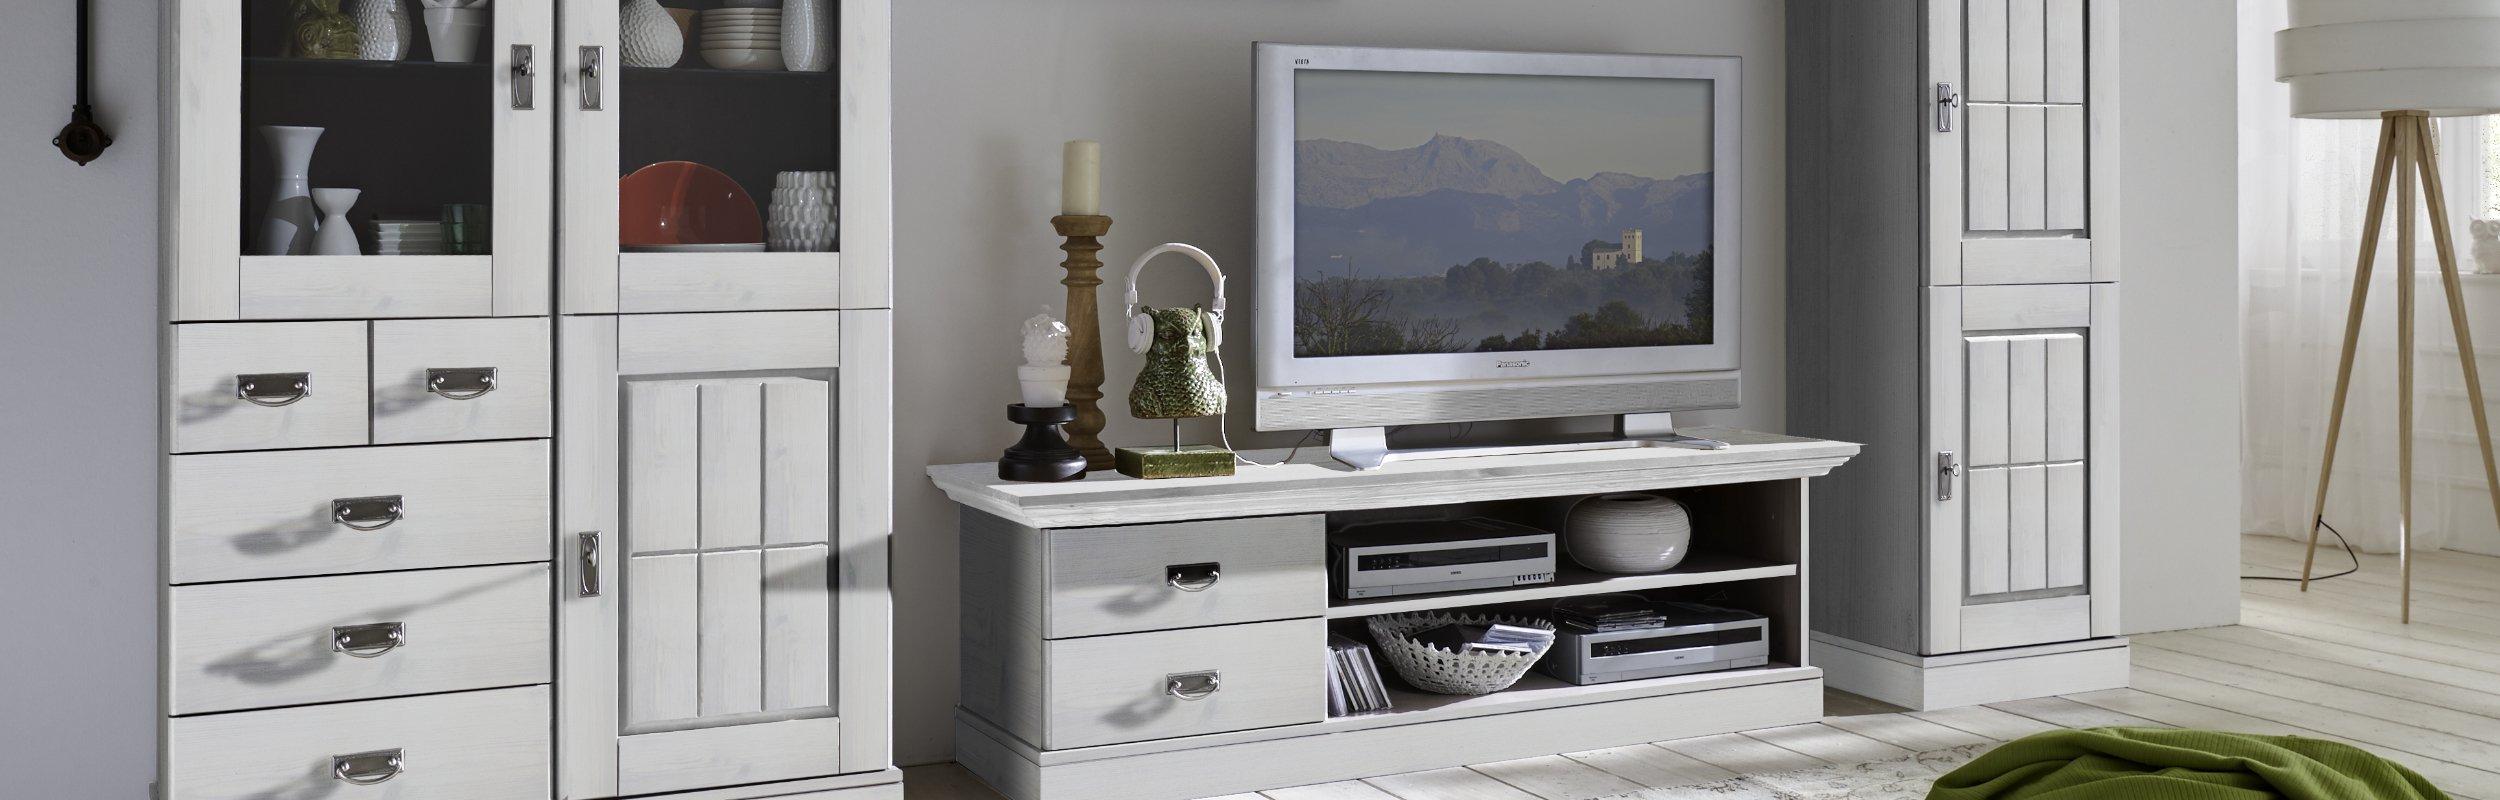 Wohnzimmer Landhausstil Serie Fjord, Bild 2